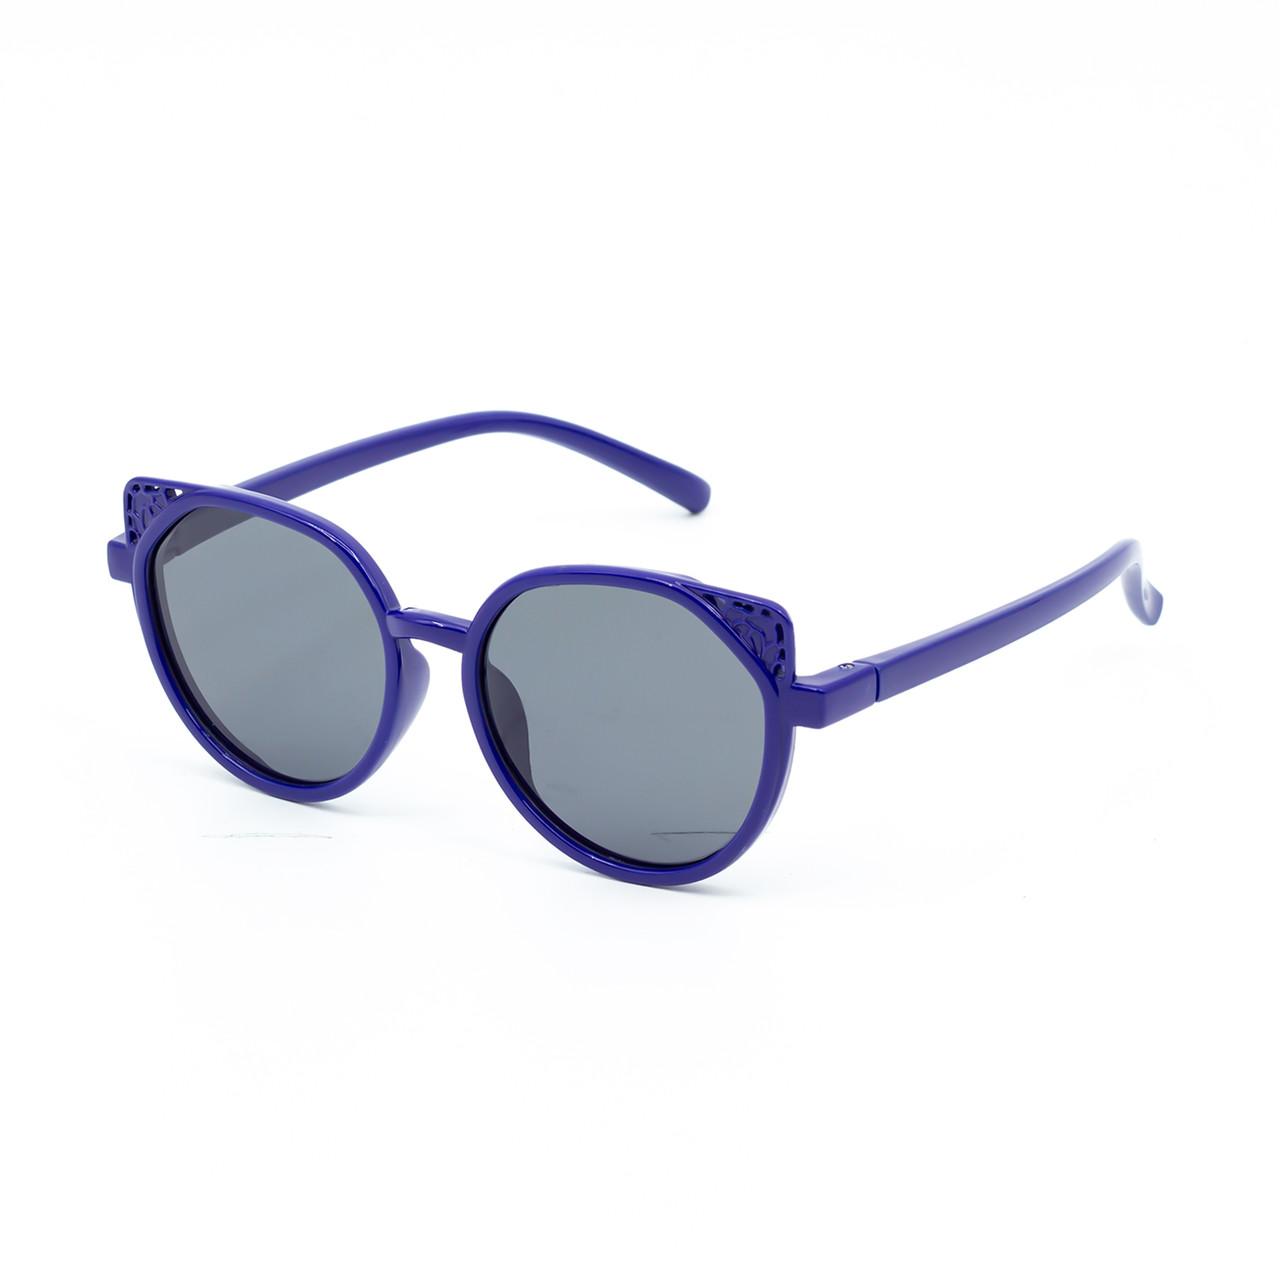 Солнцезащитные очки Marmilen P18138 C2 синие     ( KAP18138-02 )